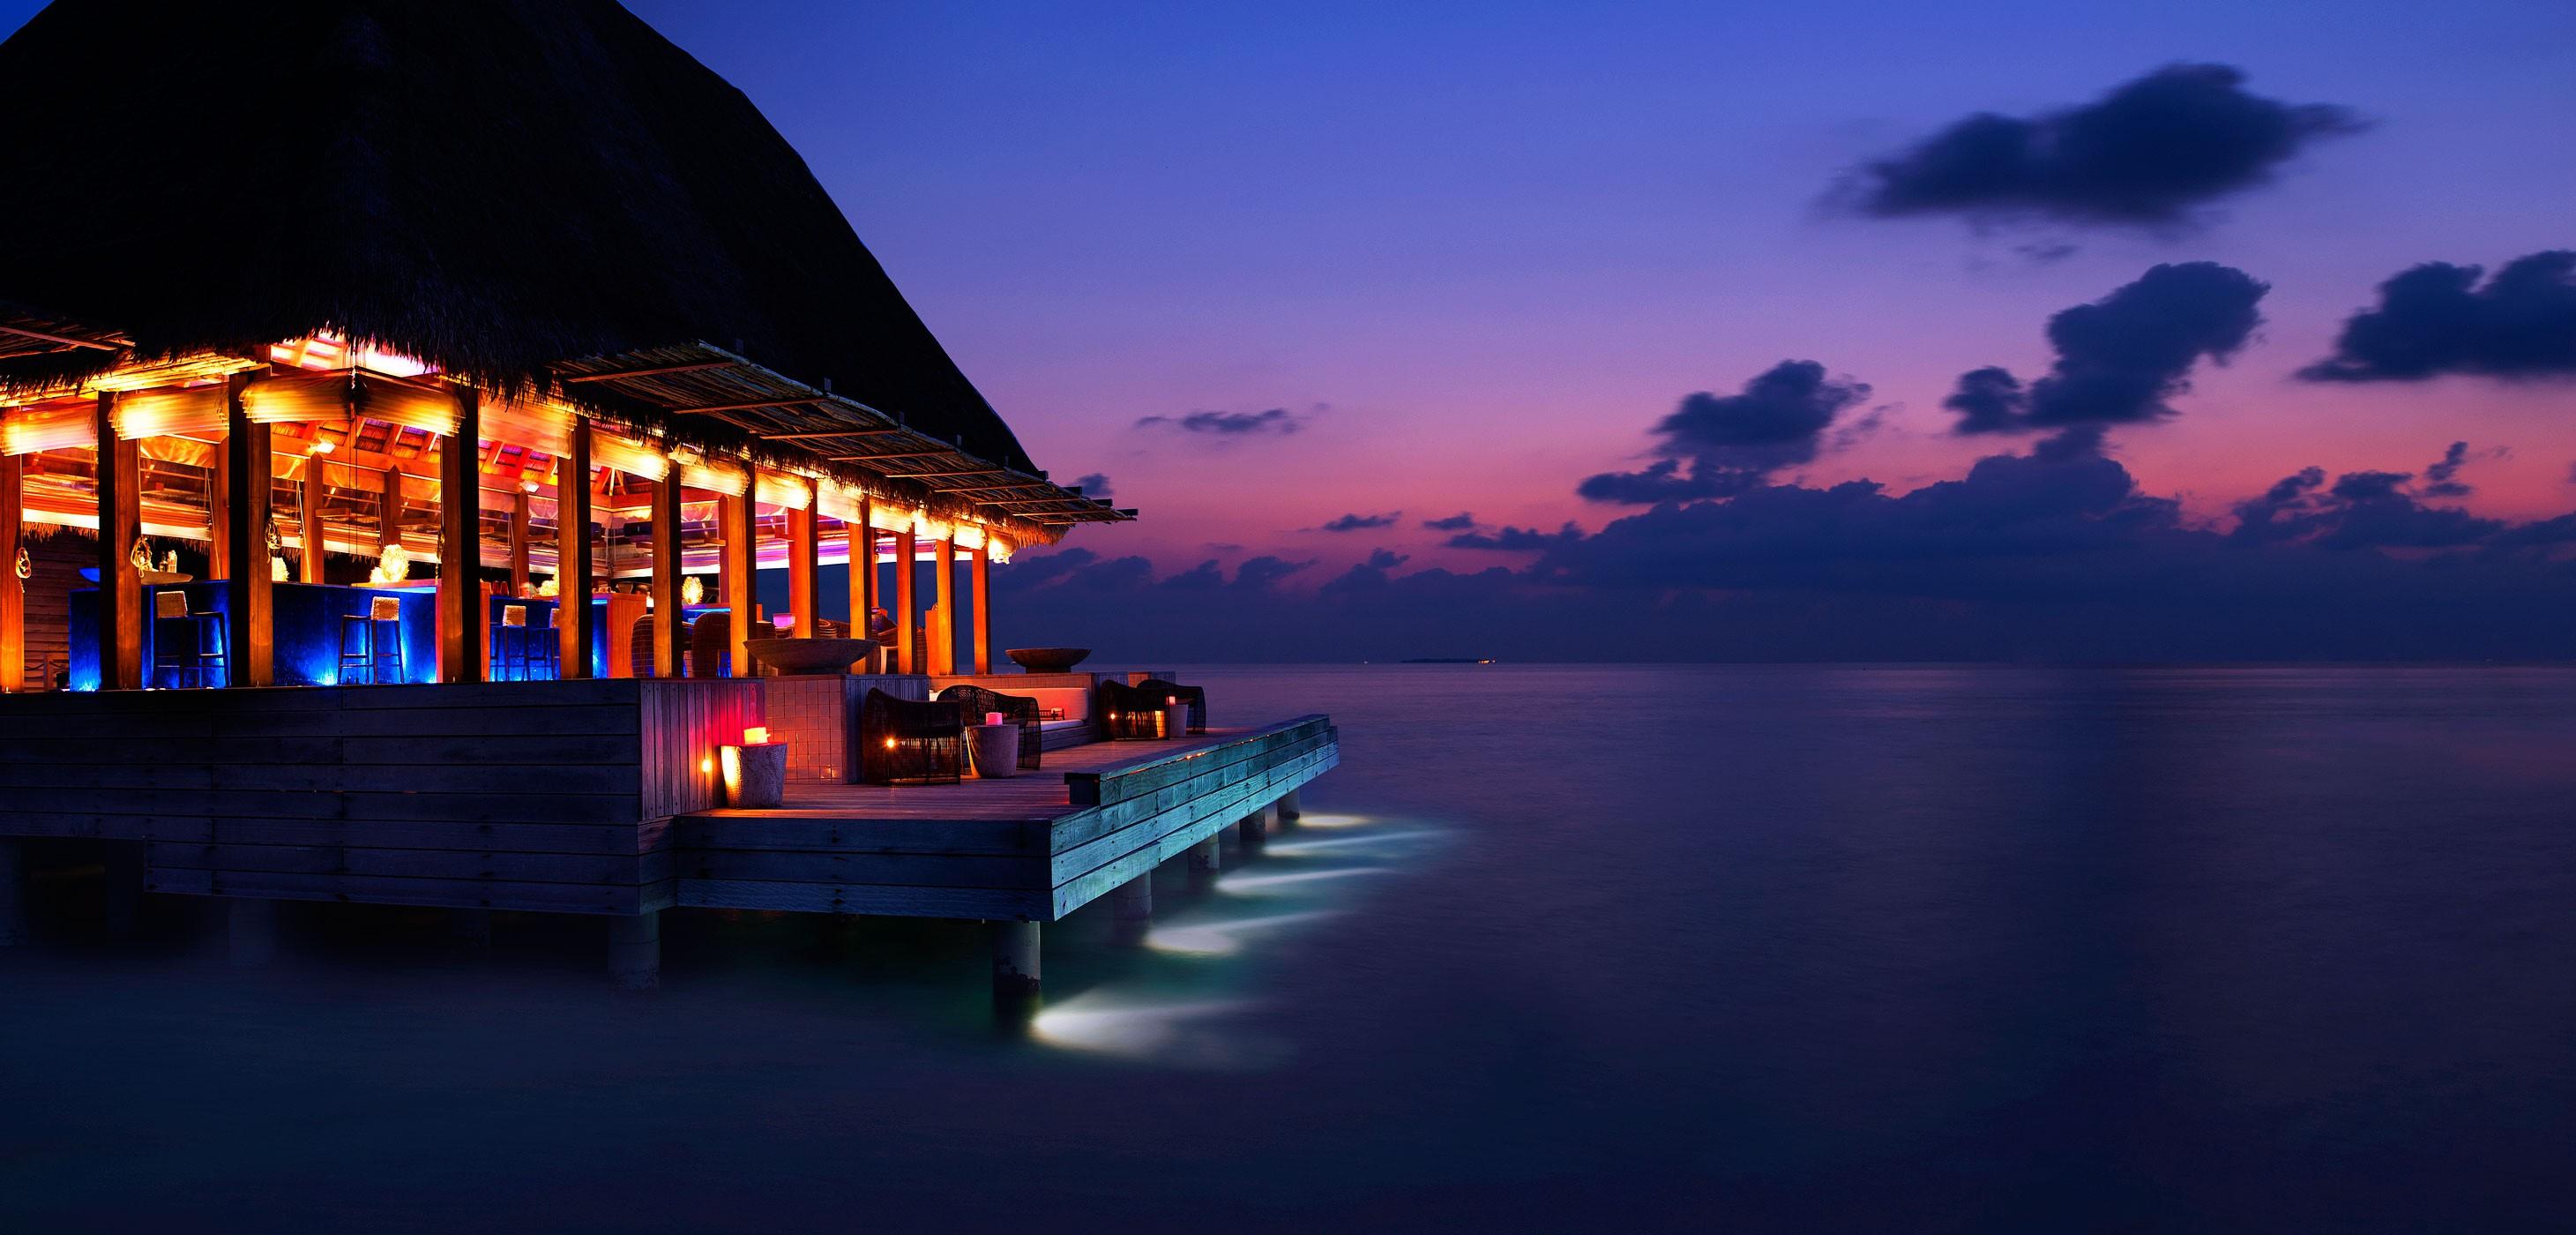 FesduIsland_Maldives_007